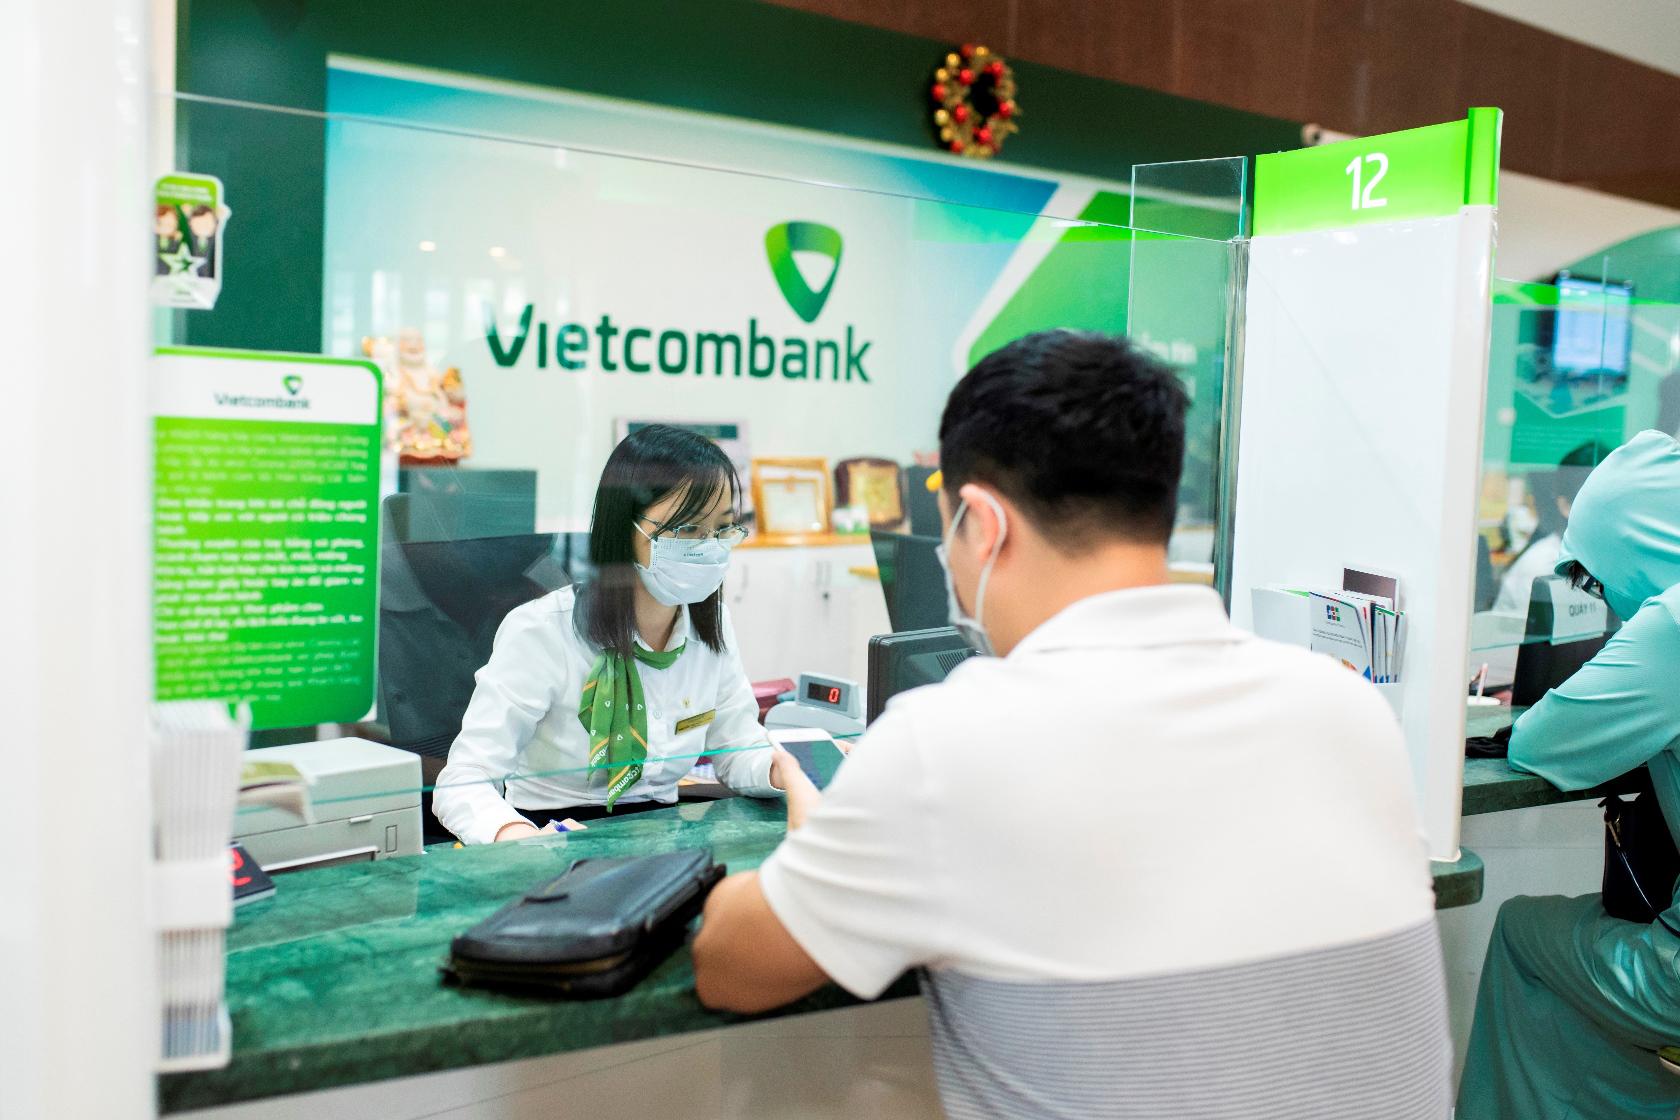 S&P nâng đánh giá triển vọng tín nhiệm của Vietcombank từ mức ổn định lên mức tích cực - Ảnh 2.